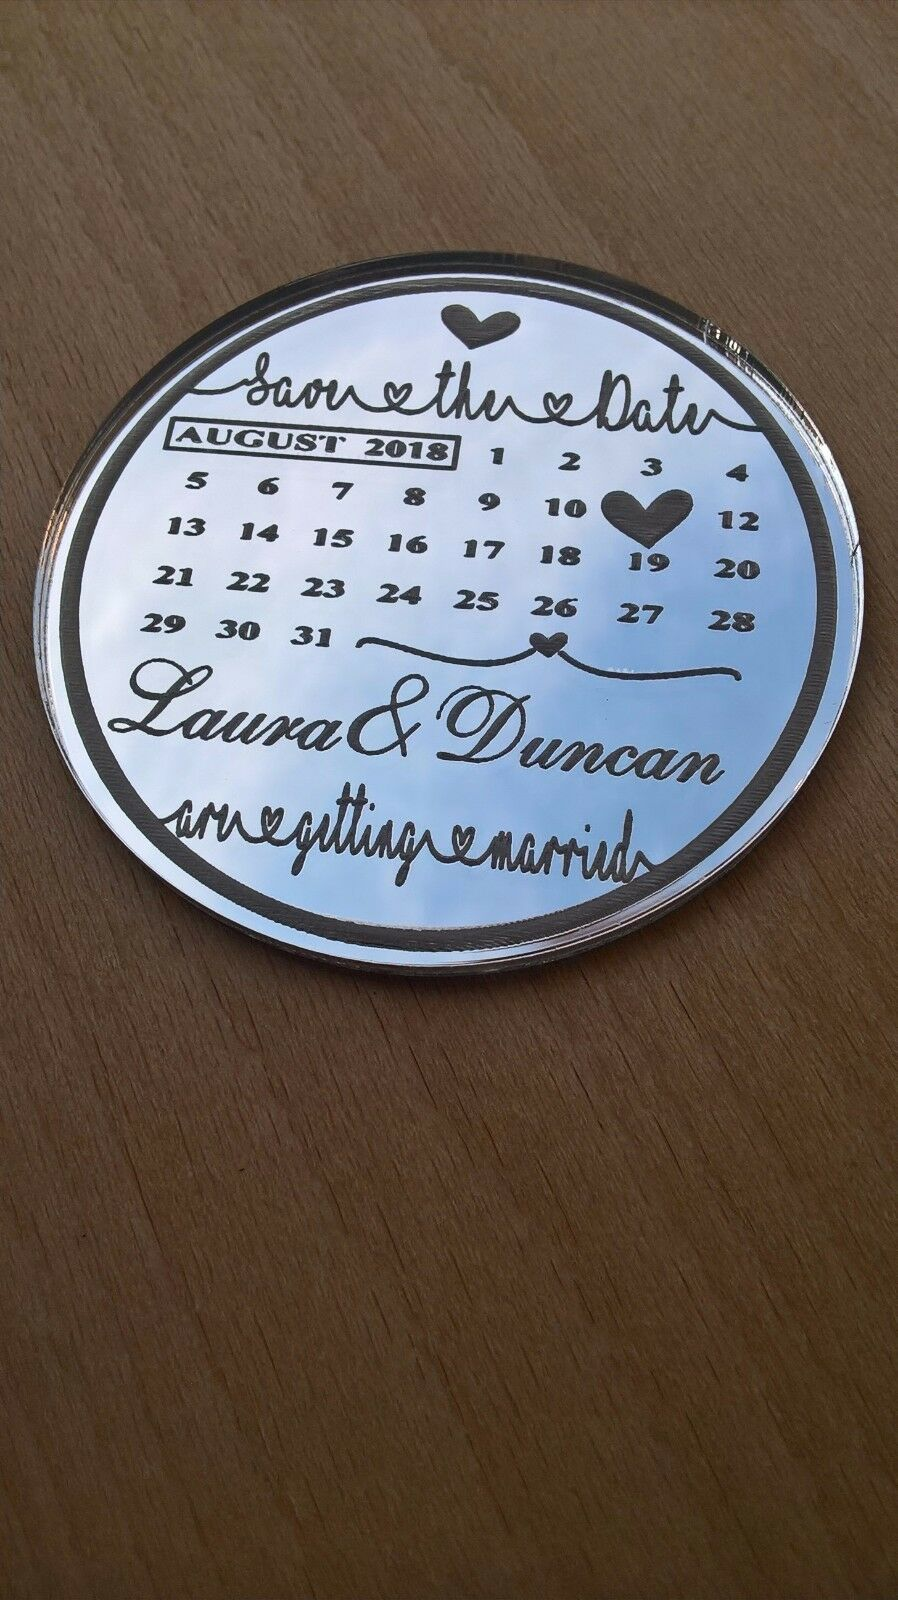 Finition miroir Date calendrier Save the Date miroir AiFemmets de réfrigérateur avec Gratuit Enveloppes 28af60